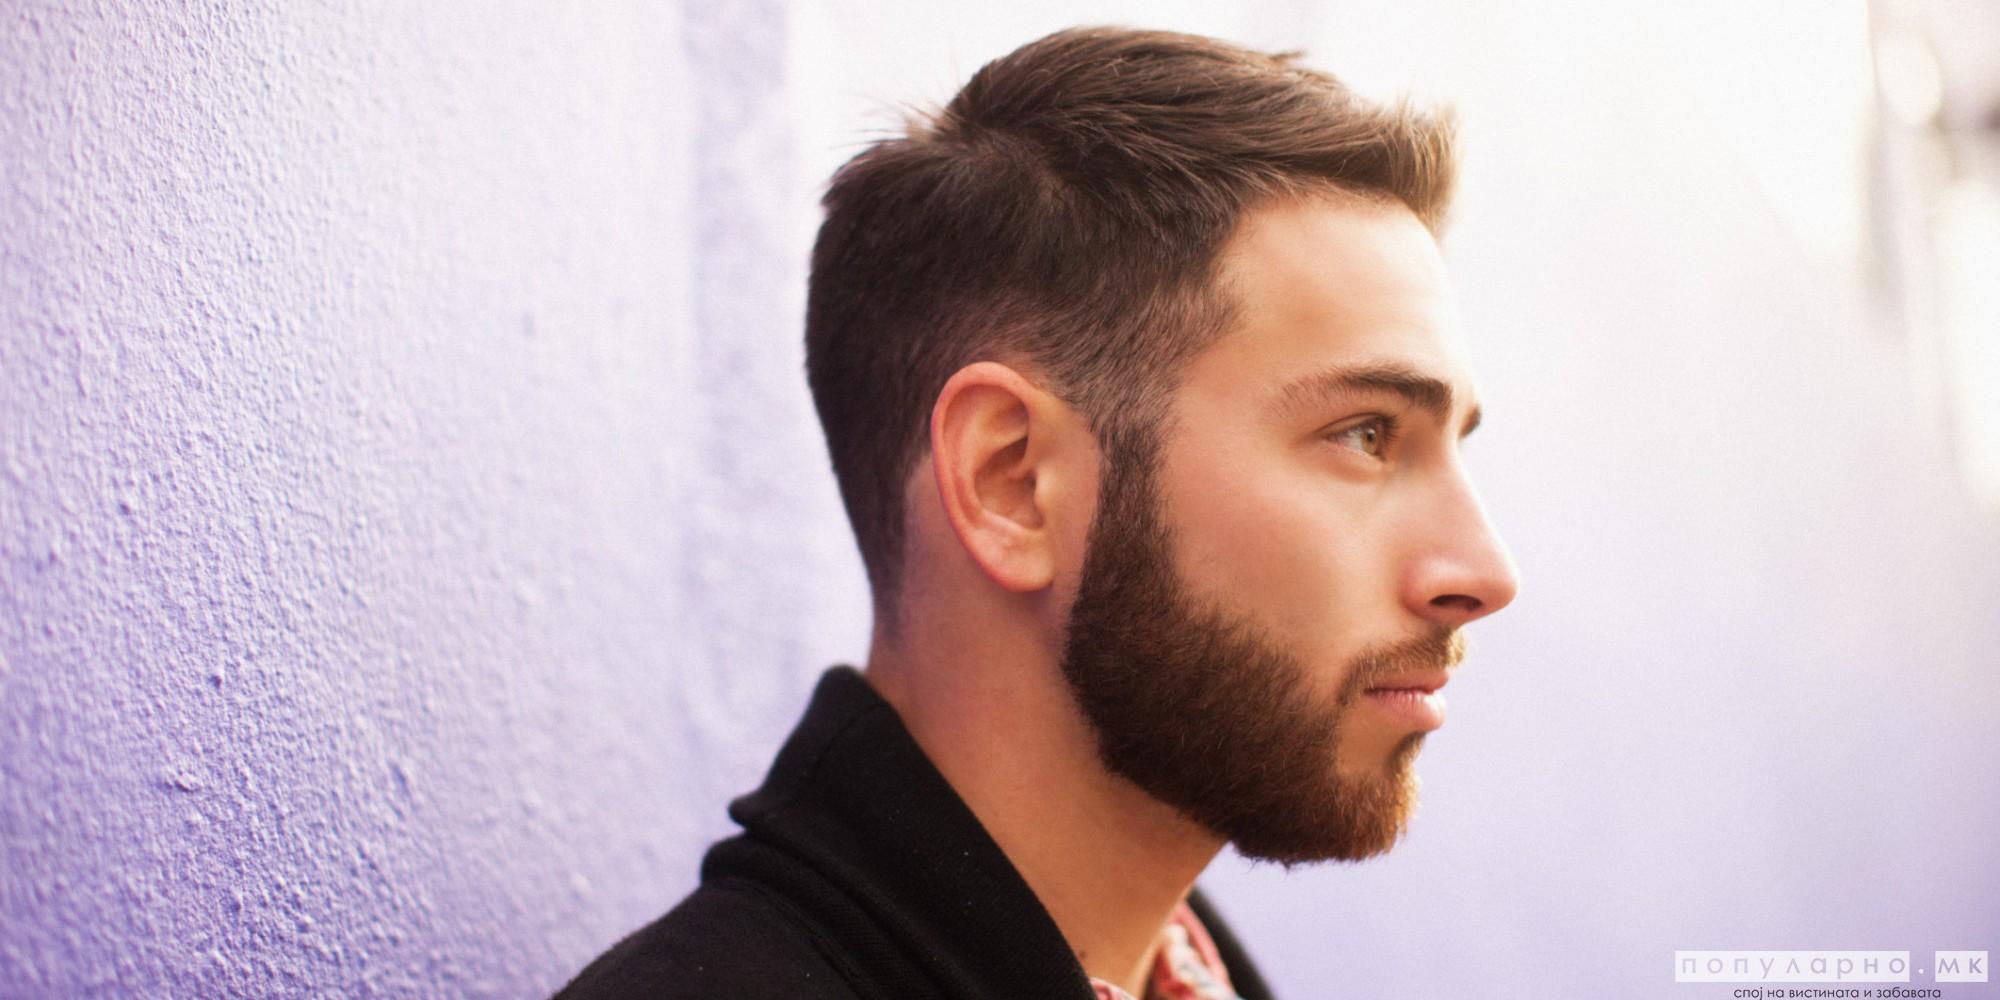 Зошто мажите пуштаат брада?